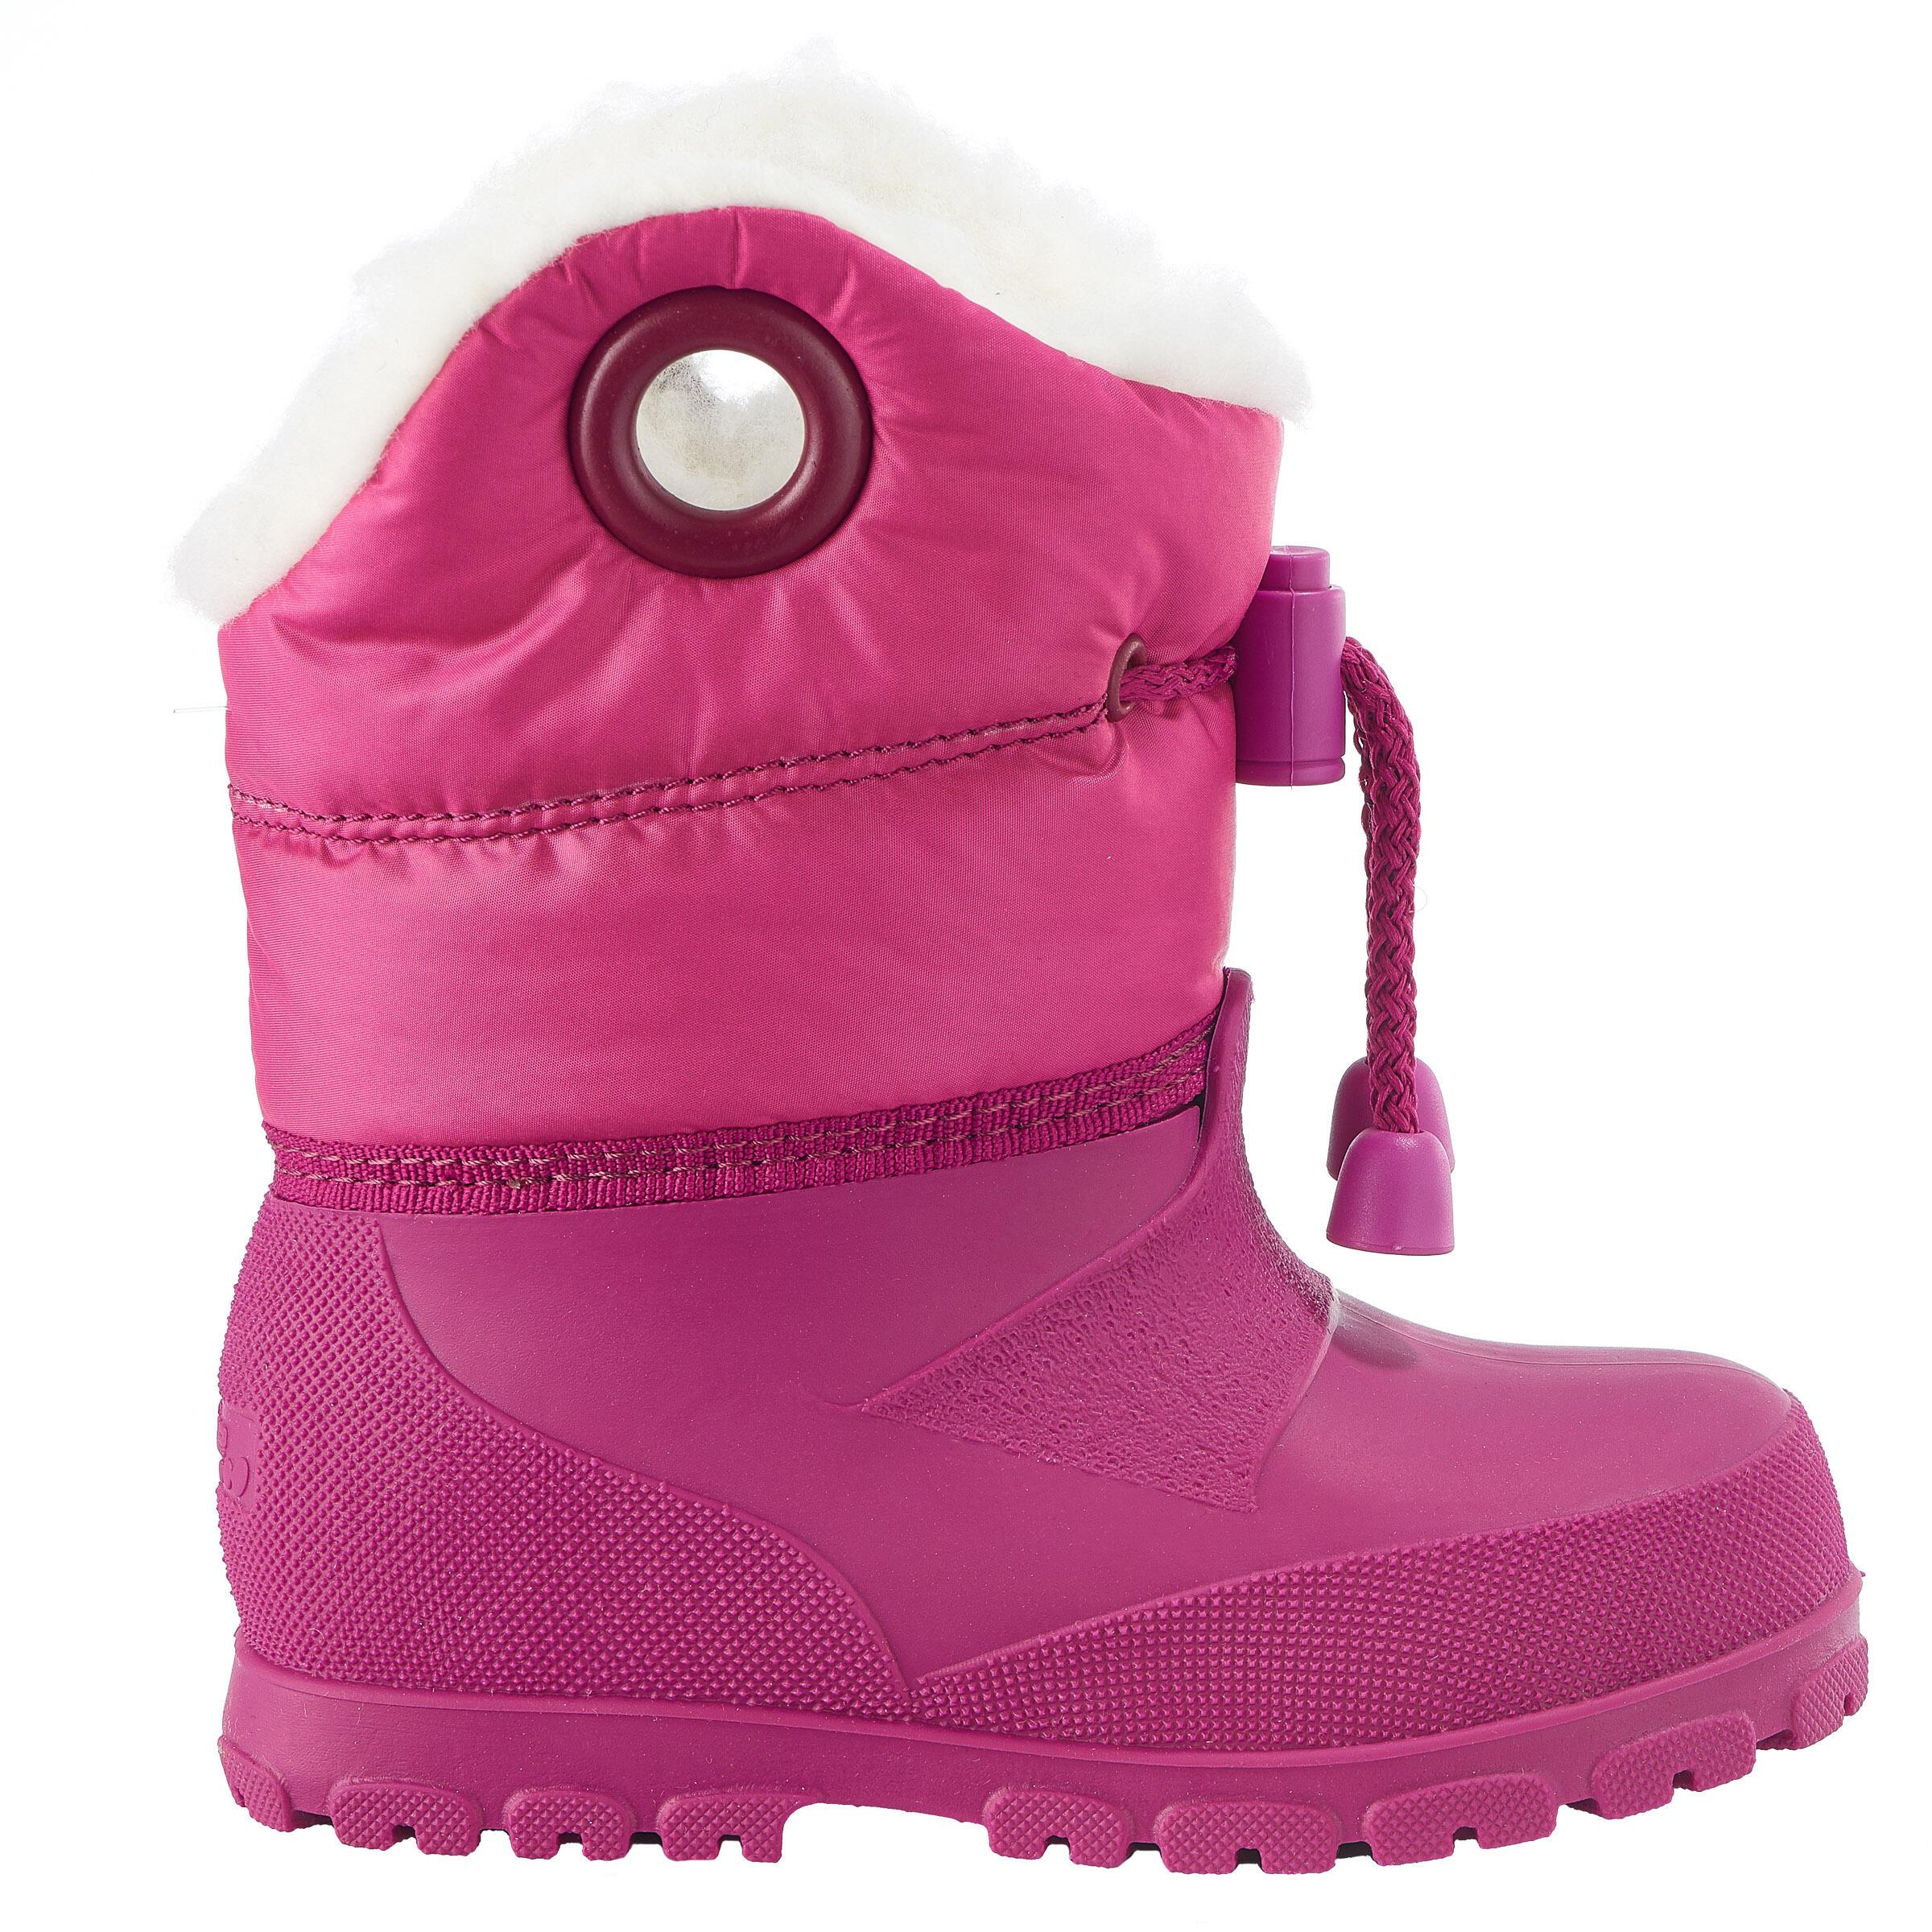 a40acd285 Comprar Botas de nieve niños y descansos online